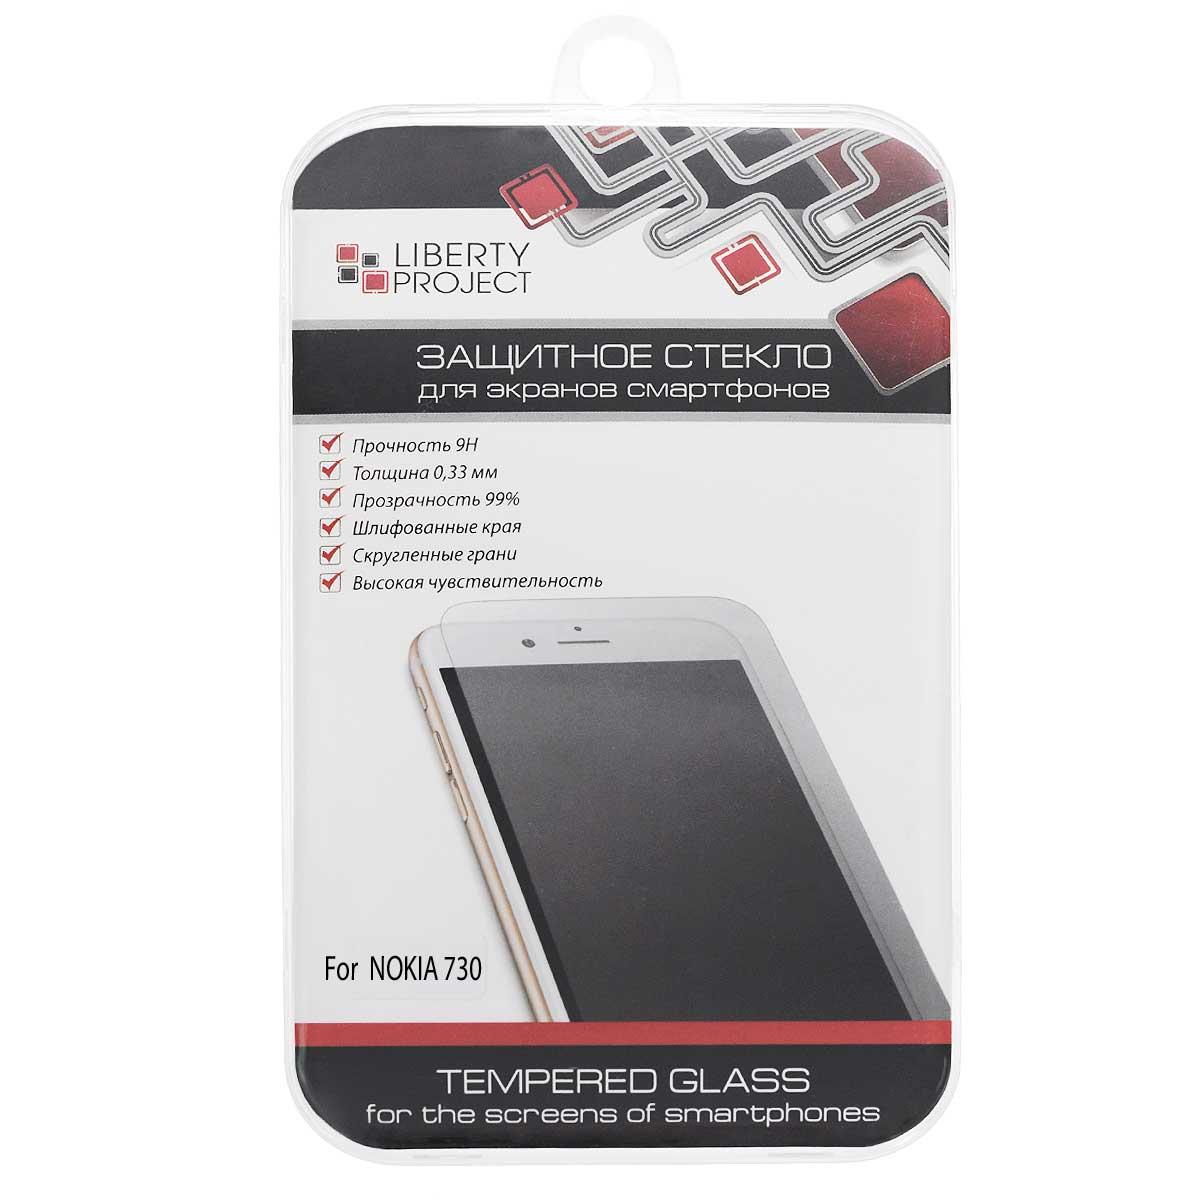 Liberty Project Tempered Glass защитное стекло для Nokia 730, Clear (0,33 мм)0L-00000523Защитное стекло Liberty Project Tempered Glass для Nokia 730 предназначено для защиты поверхности экрана, а также частей корпуса цифрового устройства от царапин, потертостей, отпечатков пальцев и прочих следов механического воздействия.